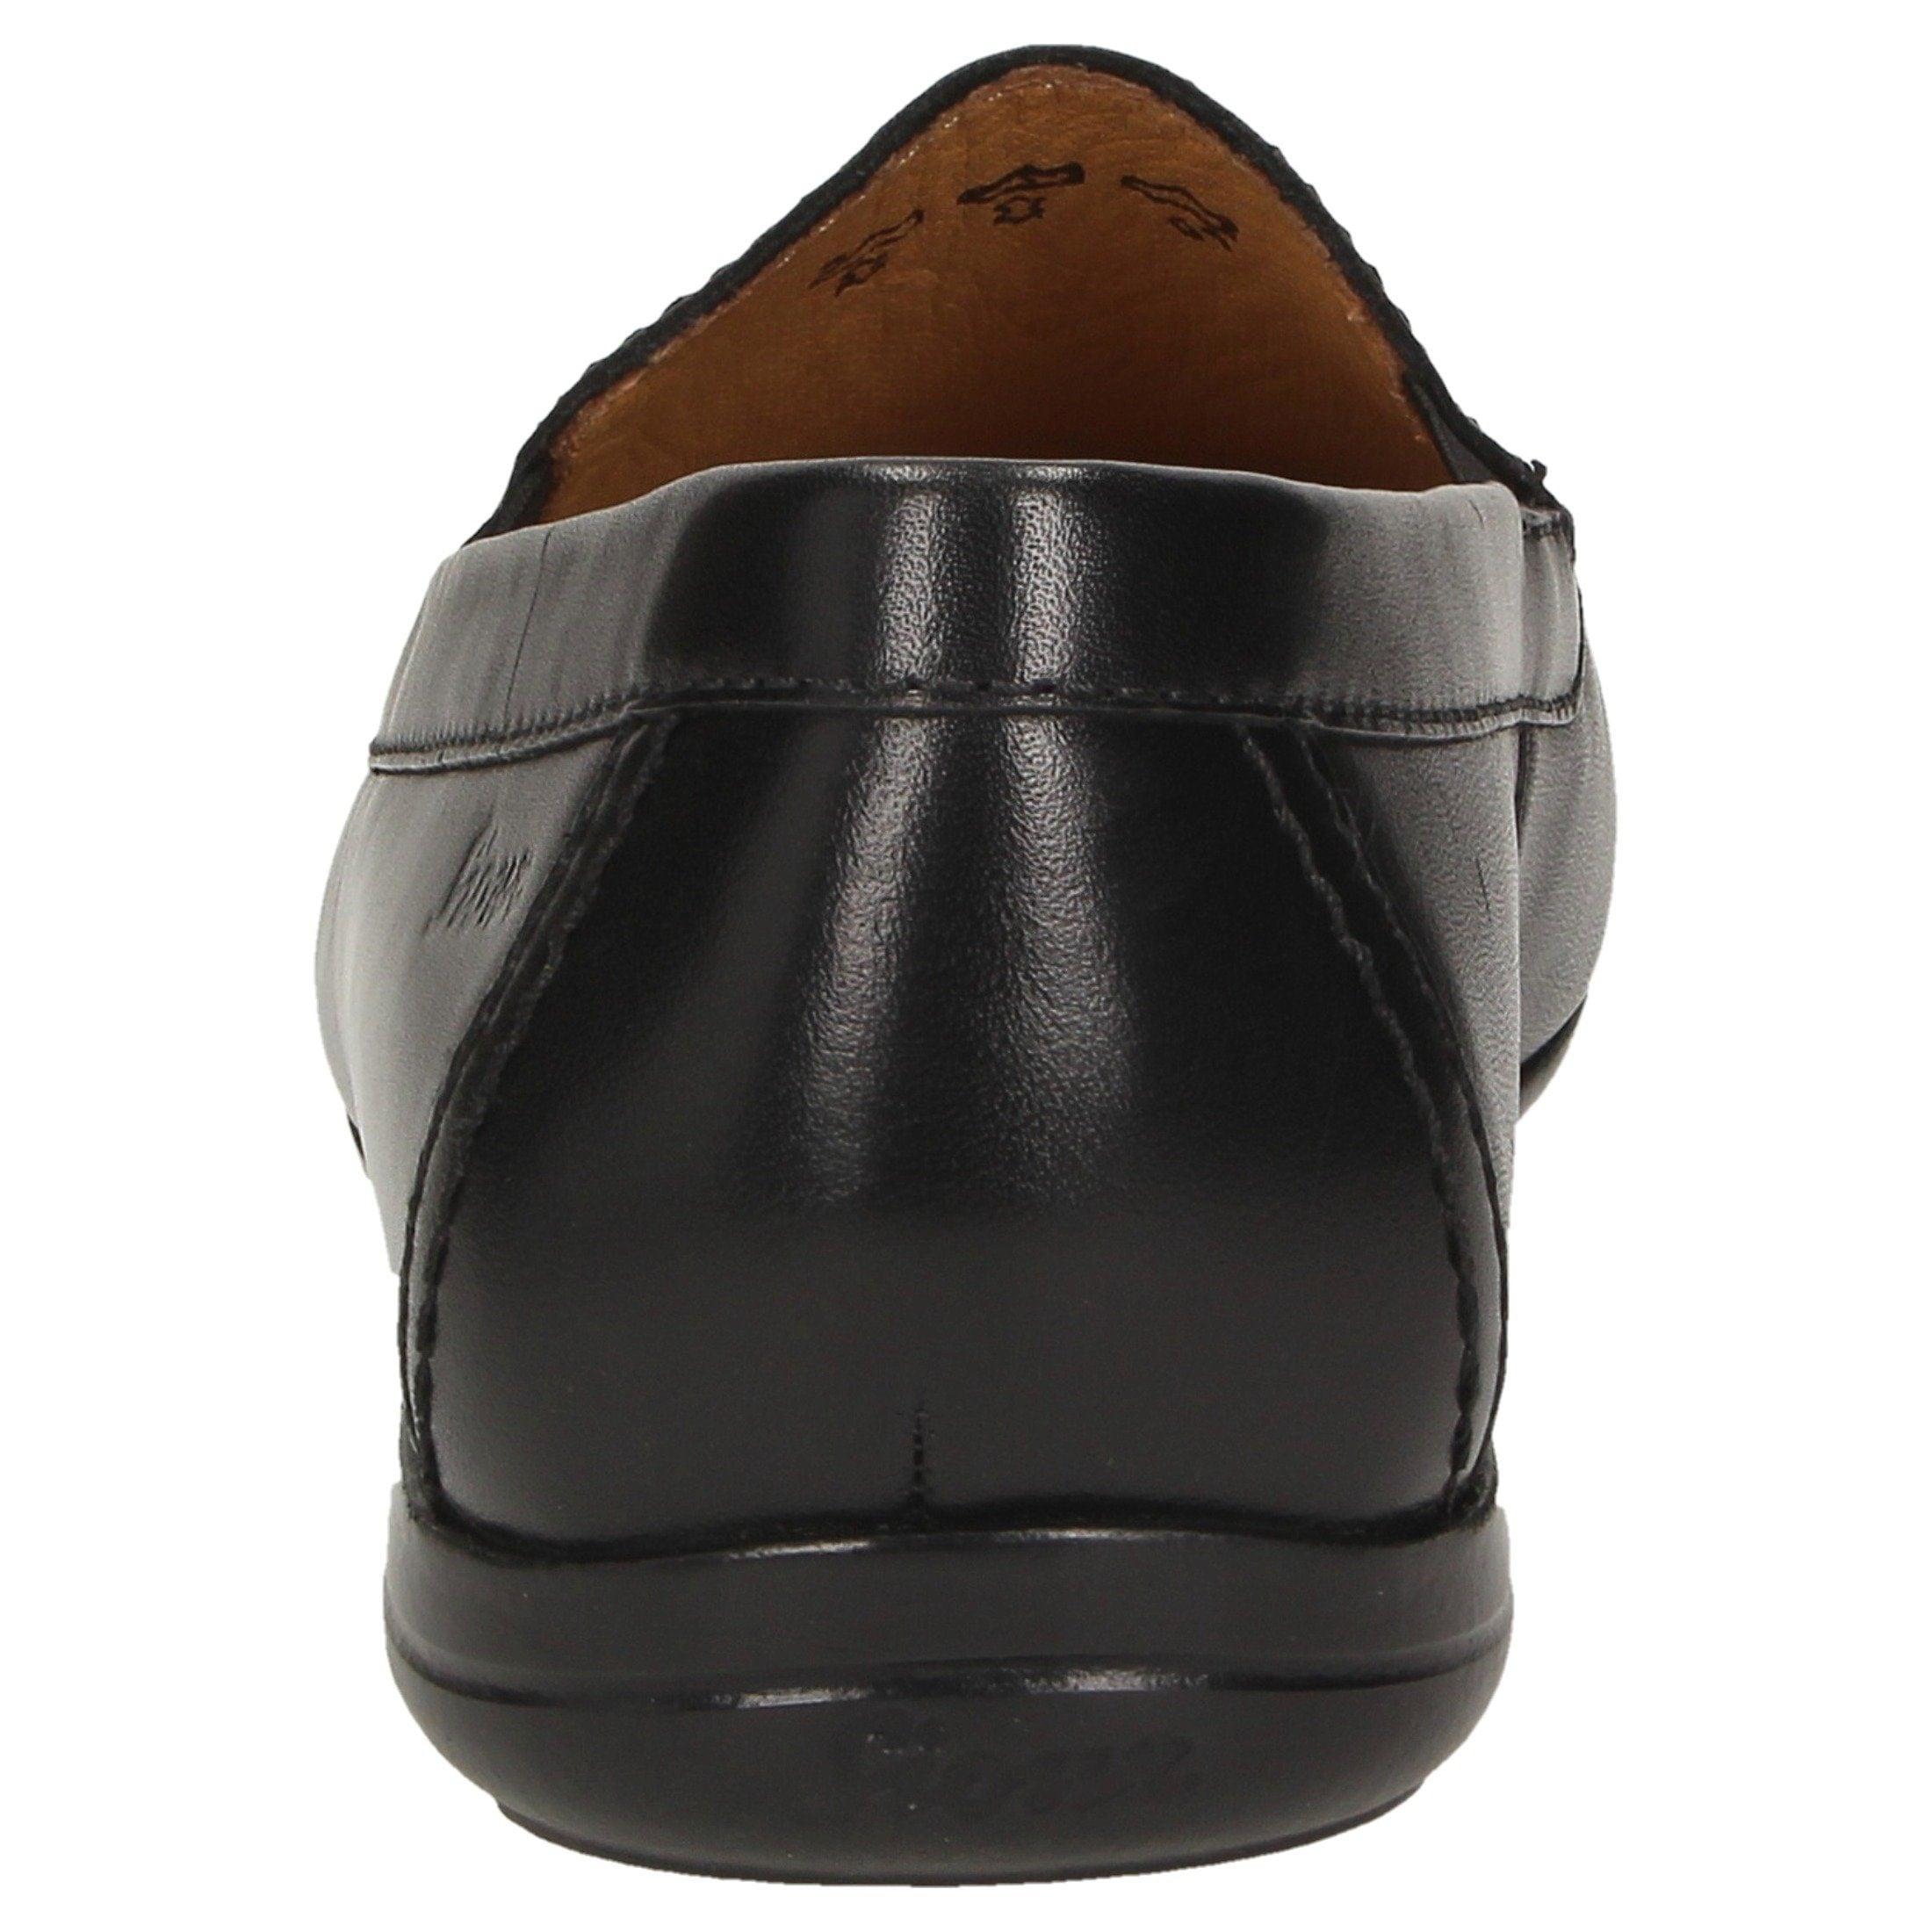 SIOUX Slipper  ;Gion-XL bequem online es kaufen   Gutes Preis-Leistungs-Verhältnis, es online lohnt sich,Trend-3136 da9cdf